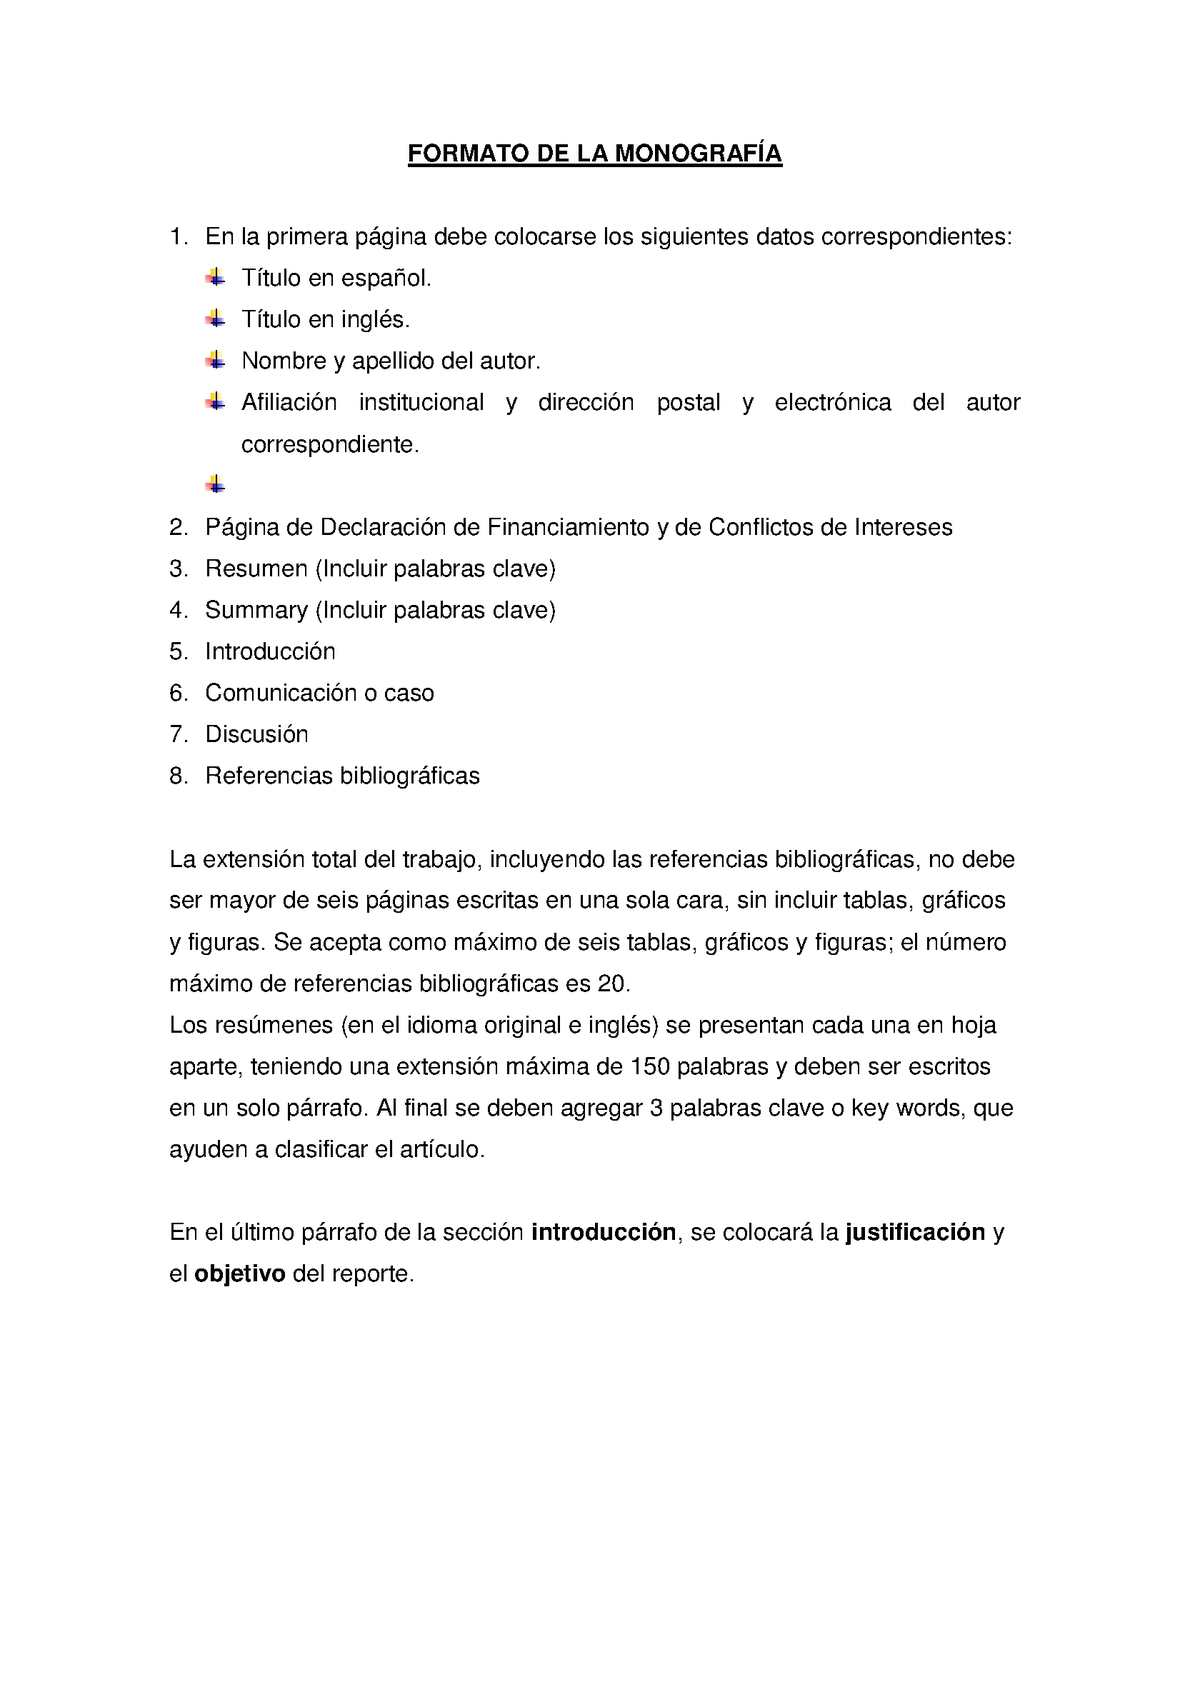 Calaméo - Formato de Monografía